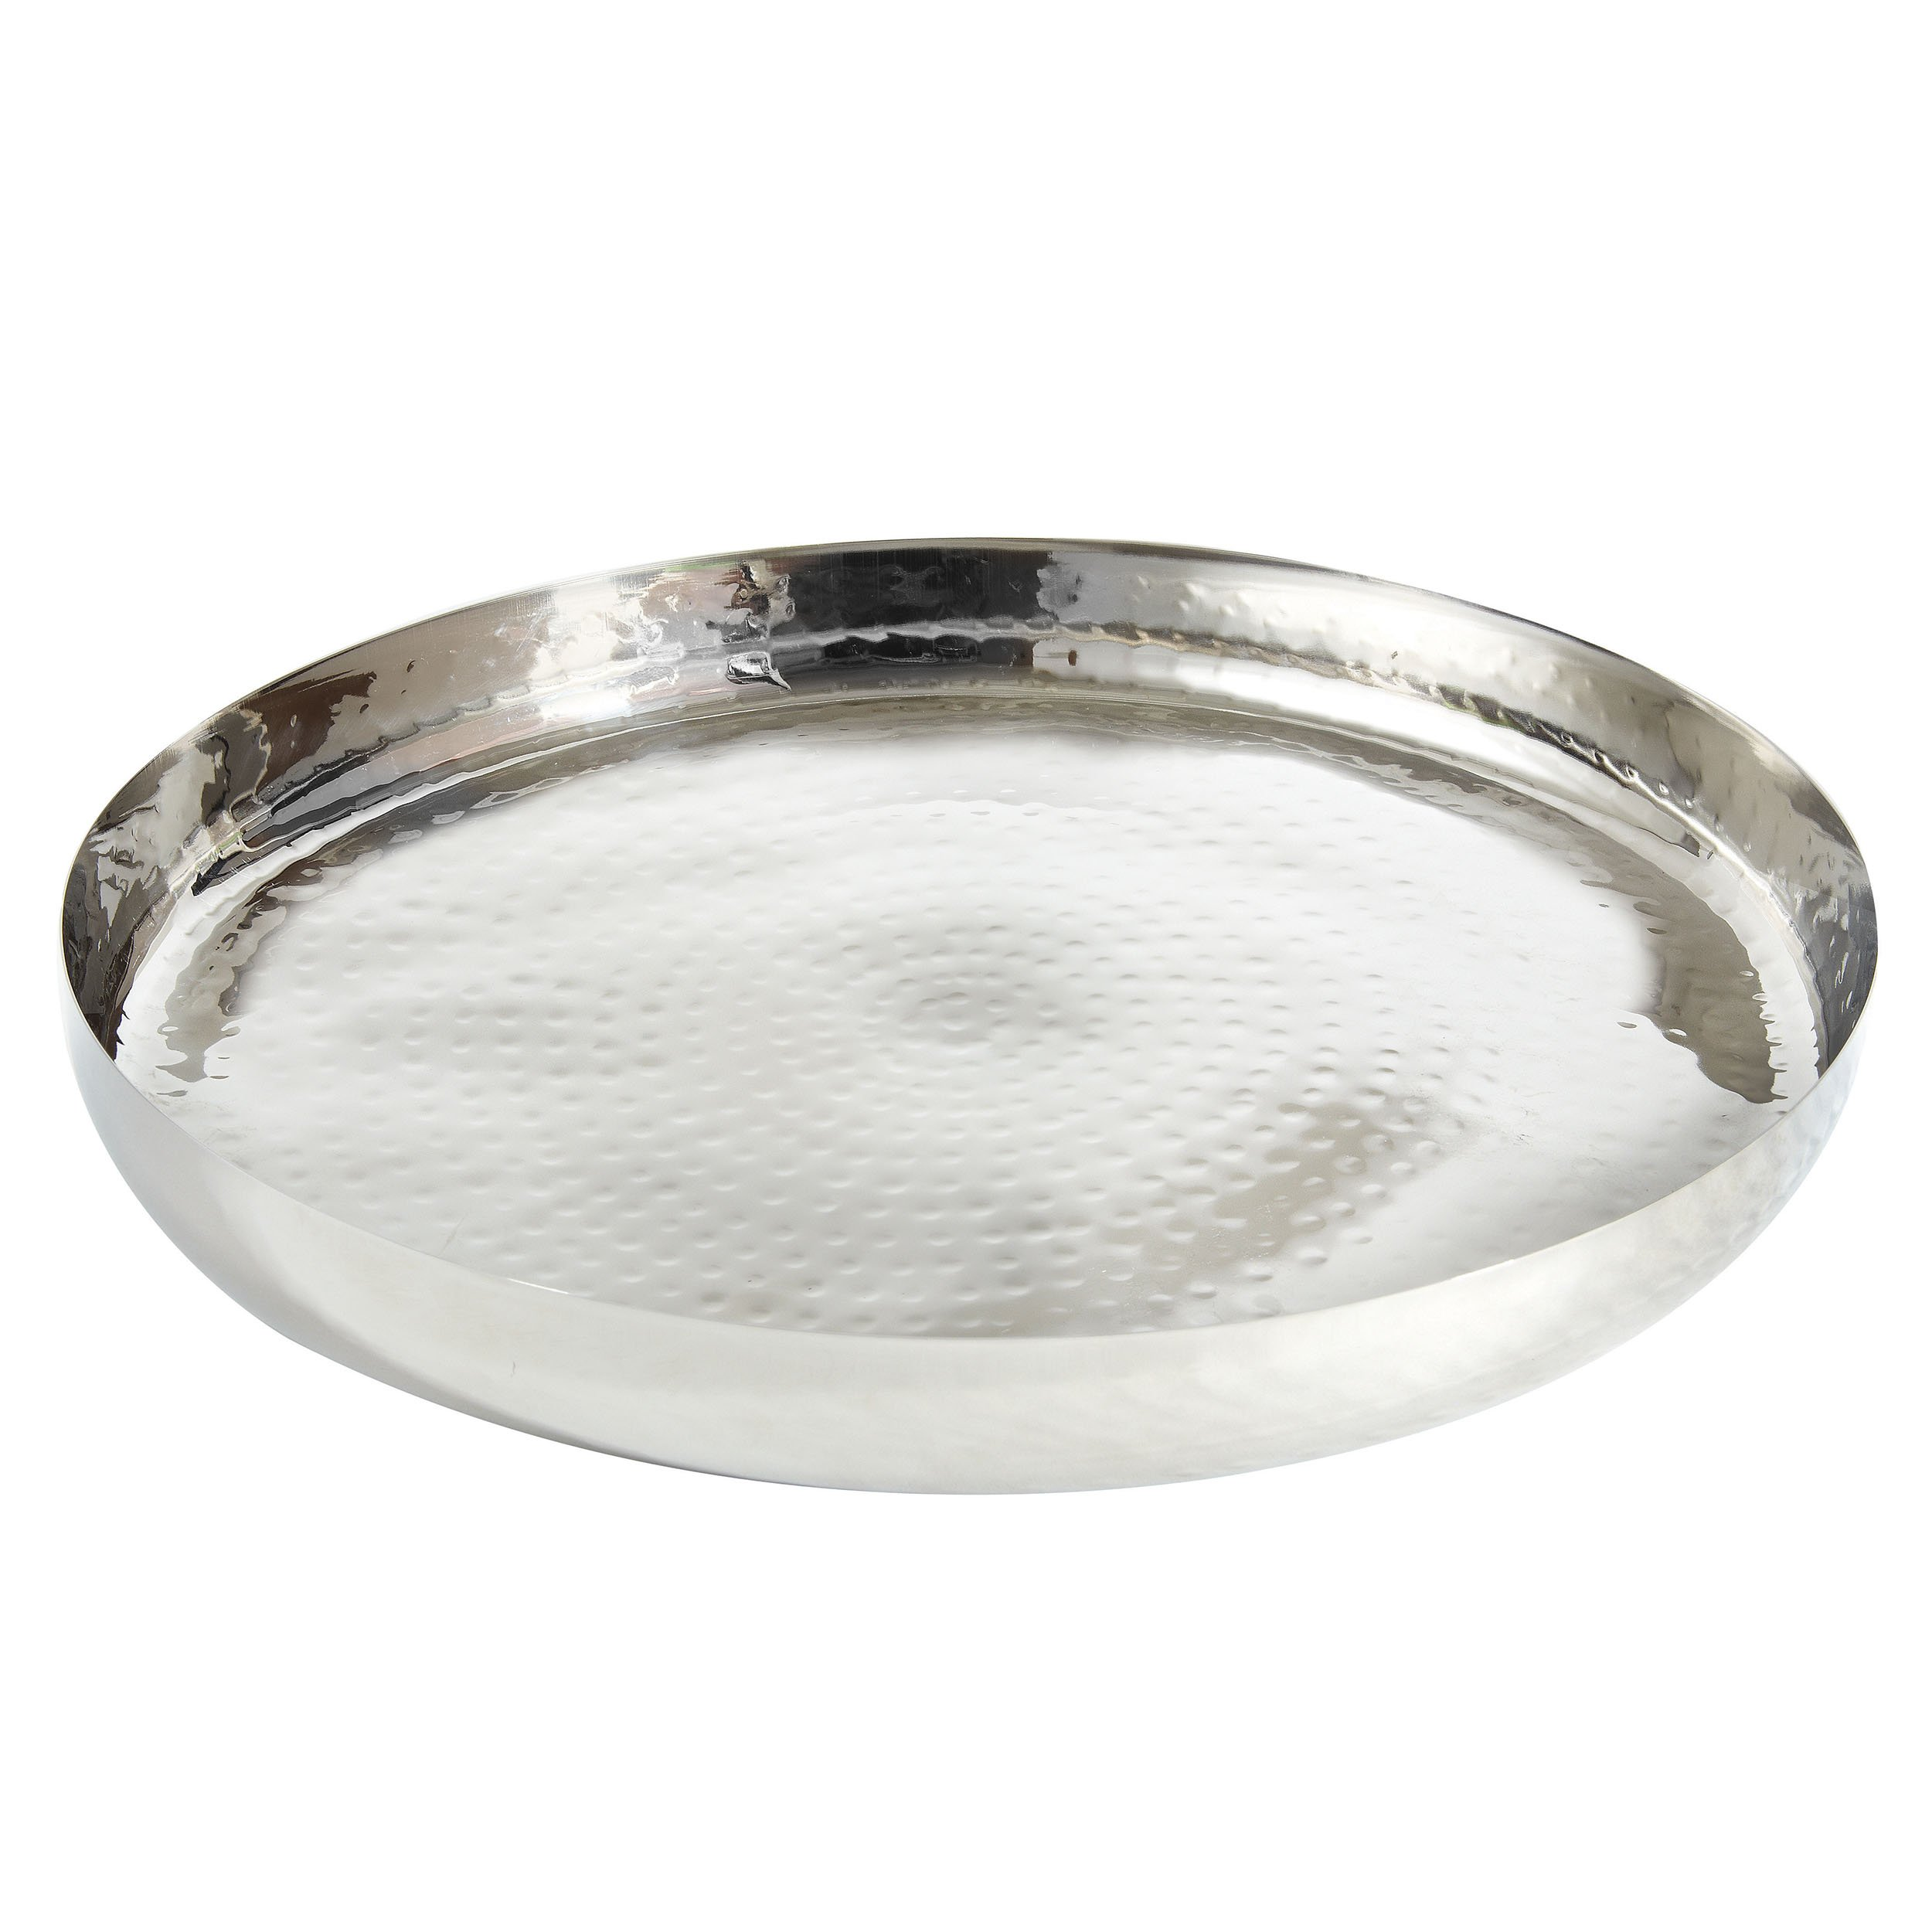 Elegance 72577 Round Tray Serveware Accessories, 16'', Silver